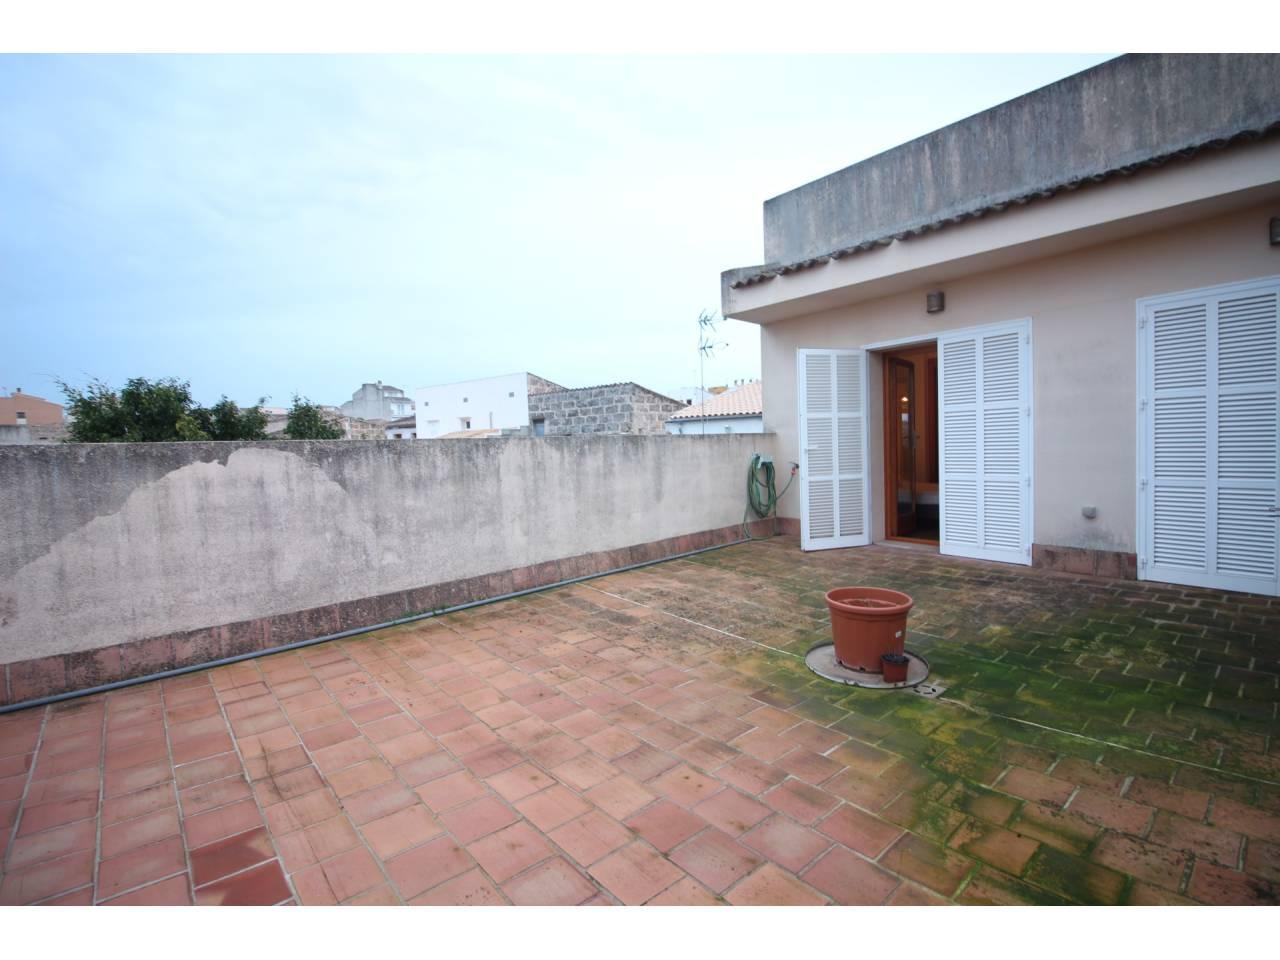 Affitto Appartamento  Muro. Primer piso techo libre sin comunidad y con 2 terrazas de 40 m2